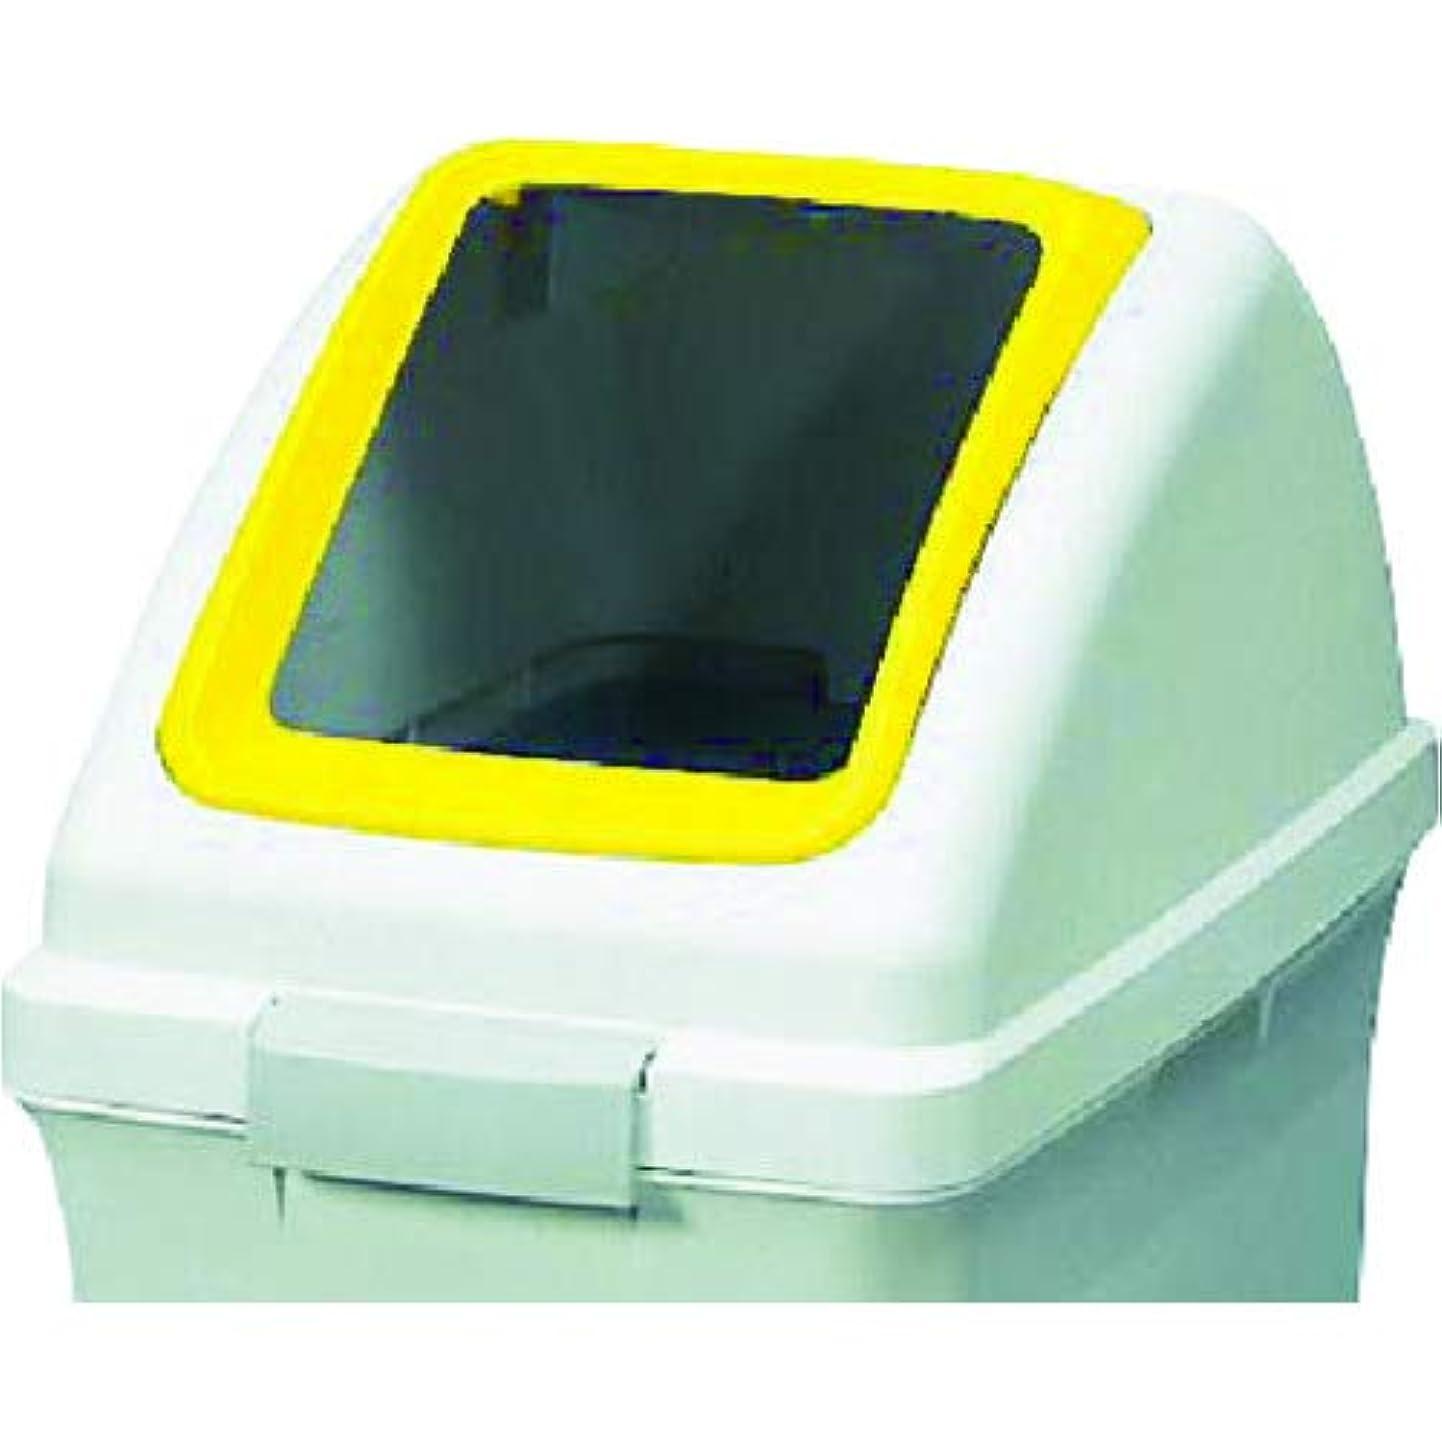 発掘受取人半導体コンドル (屋内用屑入)リサイクルトラッシュ ECO-35(角穴蓋のみ) 黄